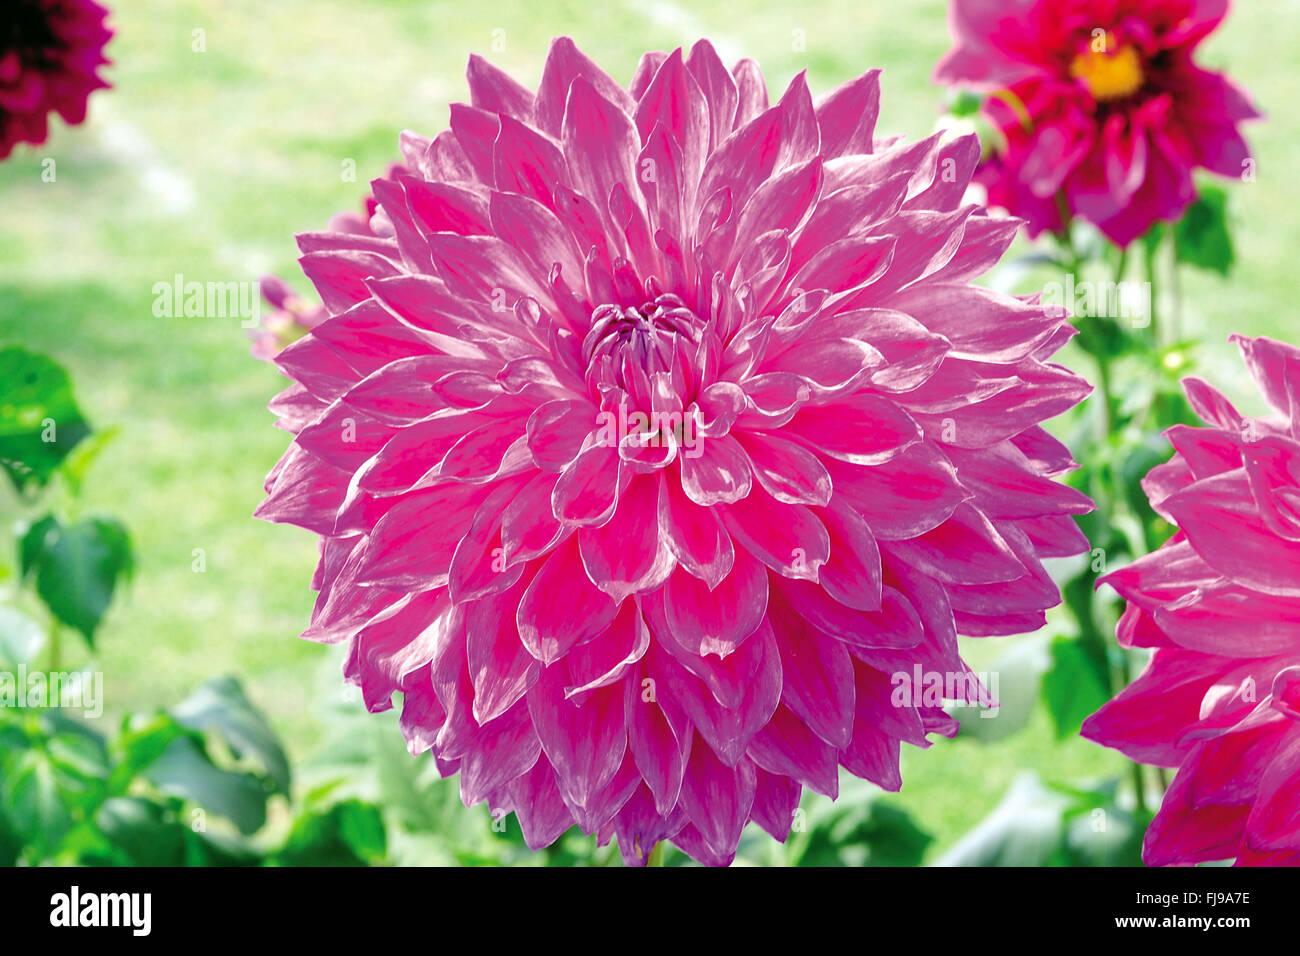 India dahlia flower stock photos india dahlia flower stock images dahlia flower india asia stock image izmirmasajfo